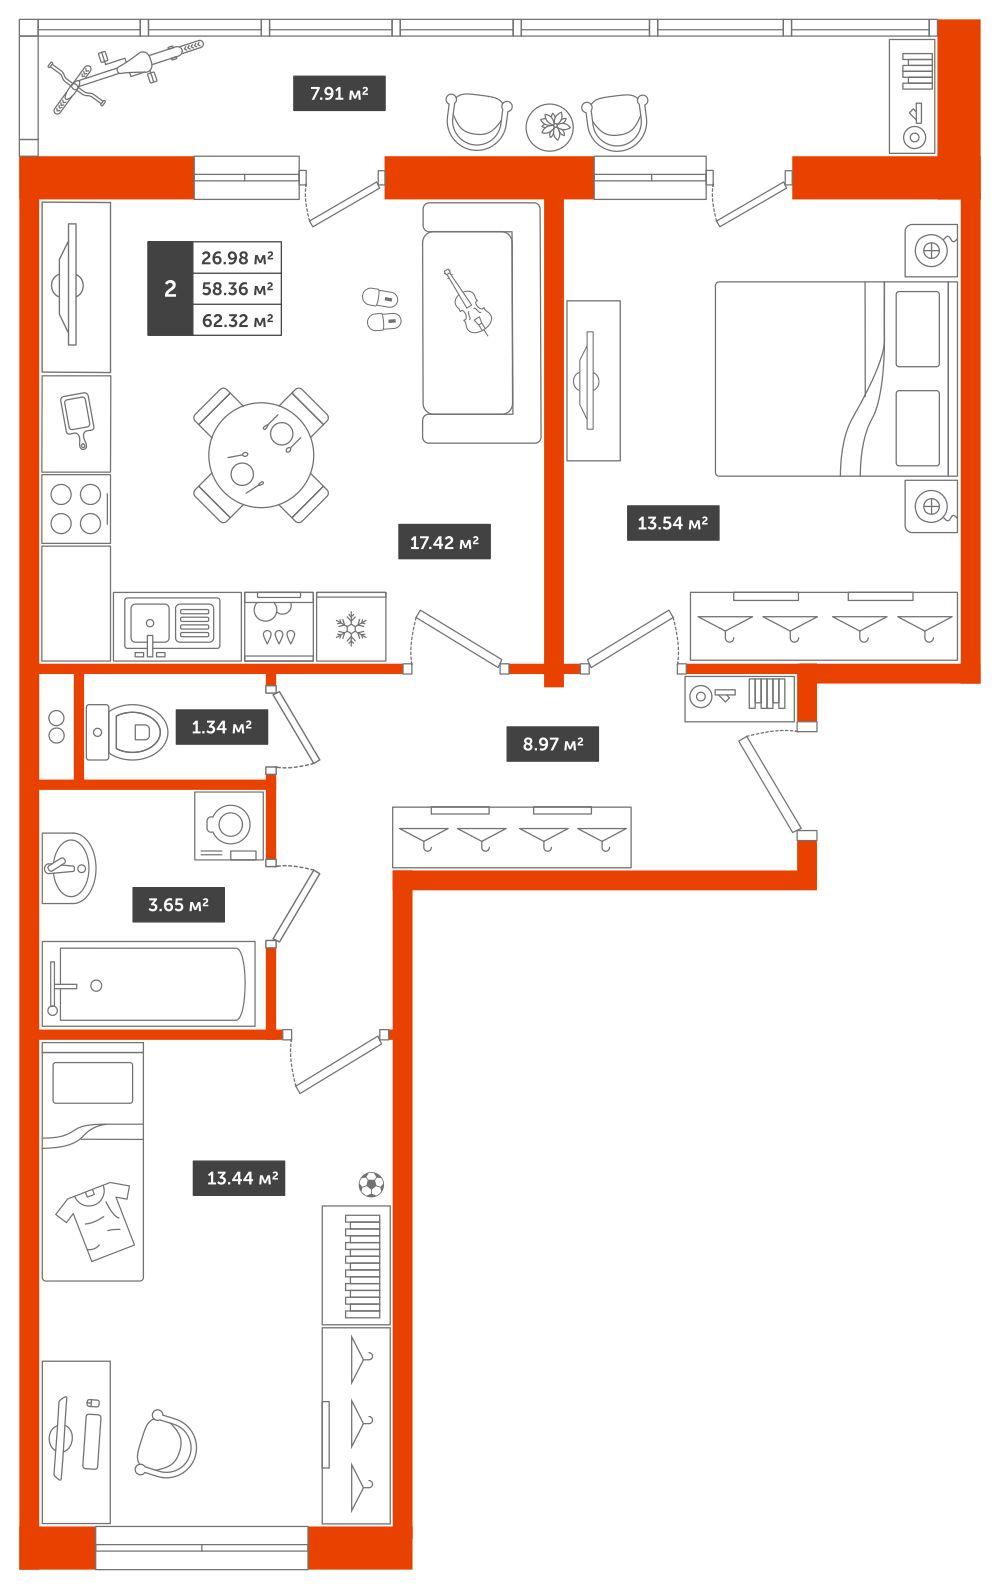 2-комнатная квартира, 62.32м² за 5,3 млн руб.